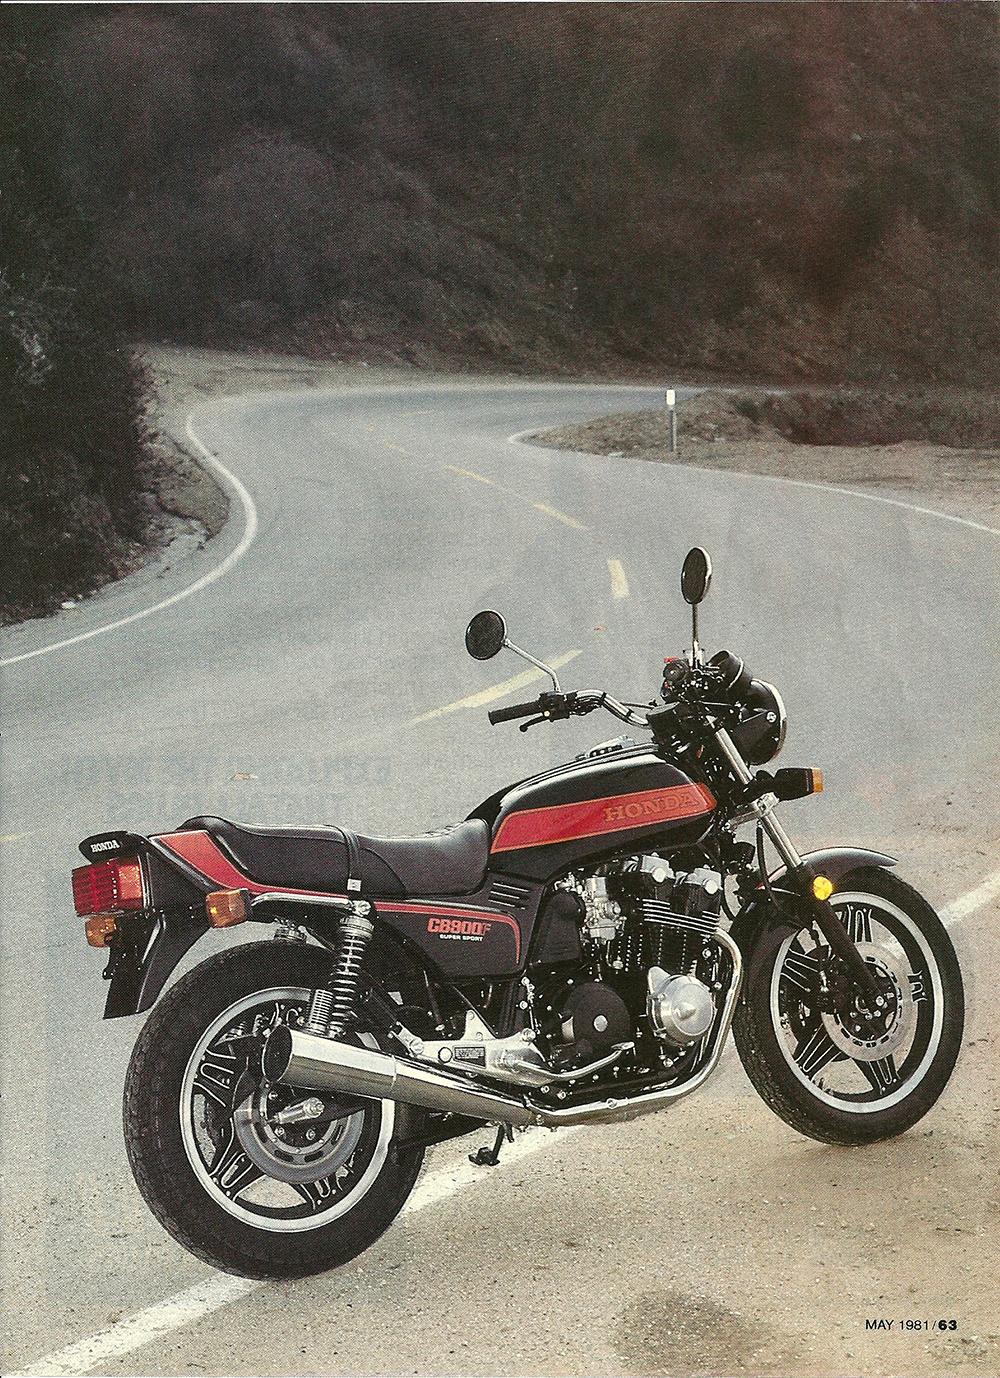 1981 CB900F Super Sport road test 2.jpg